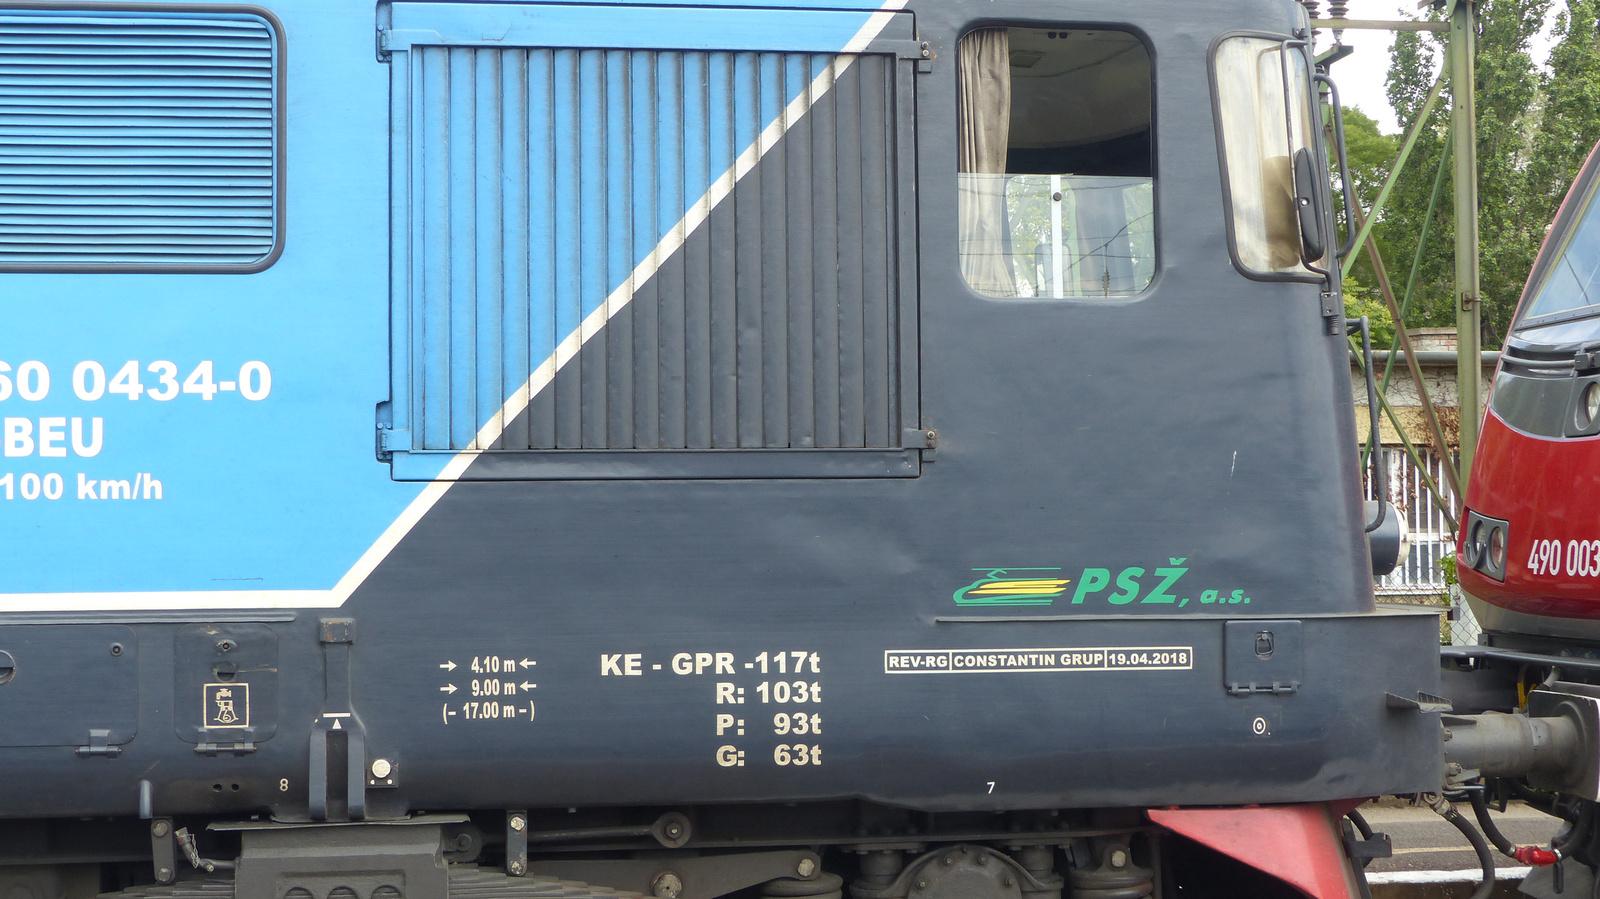 RO-BEU 92 53 060 0434-0, SzG3